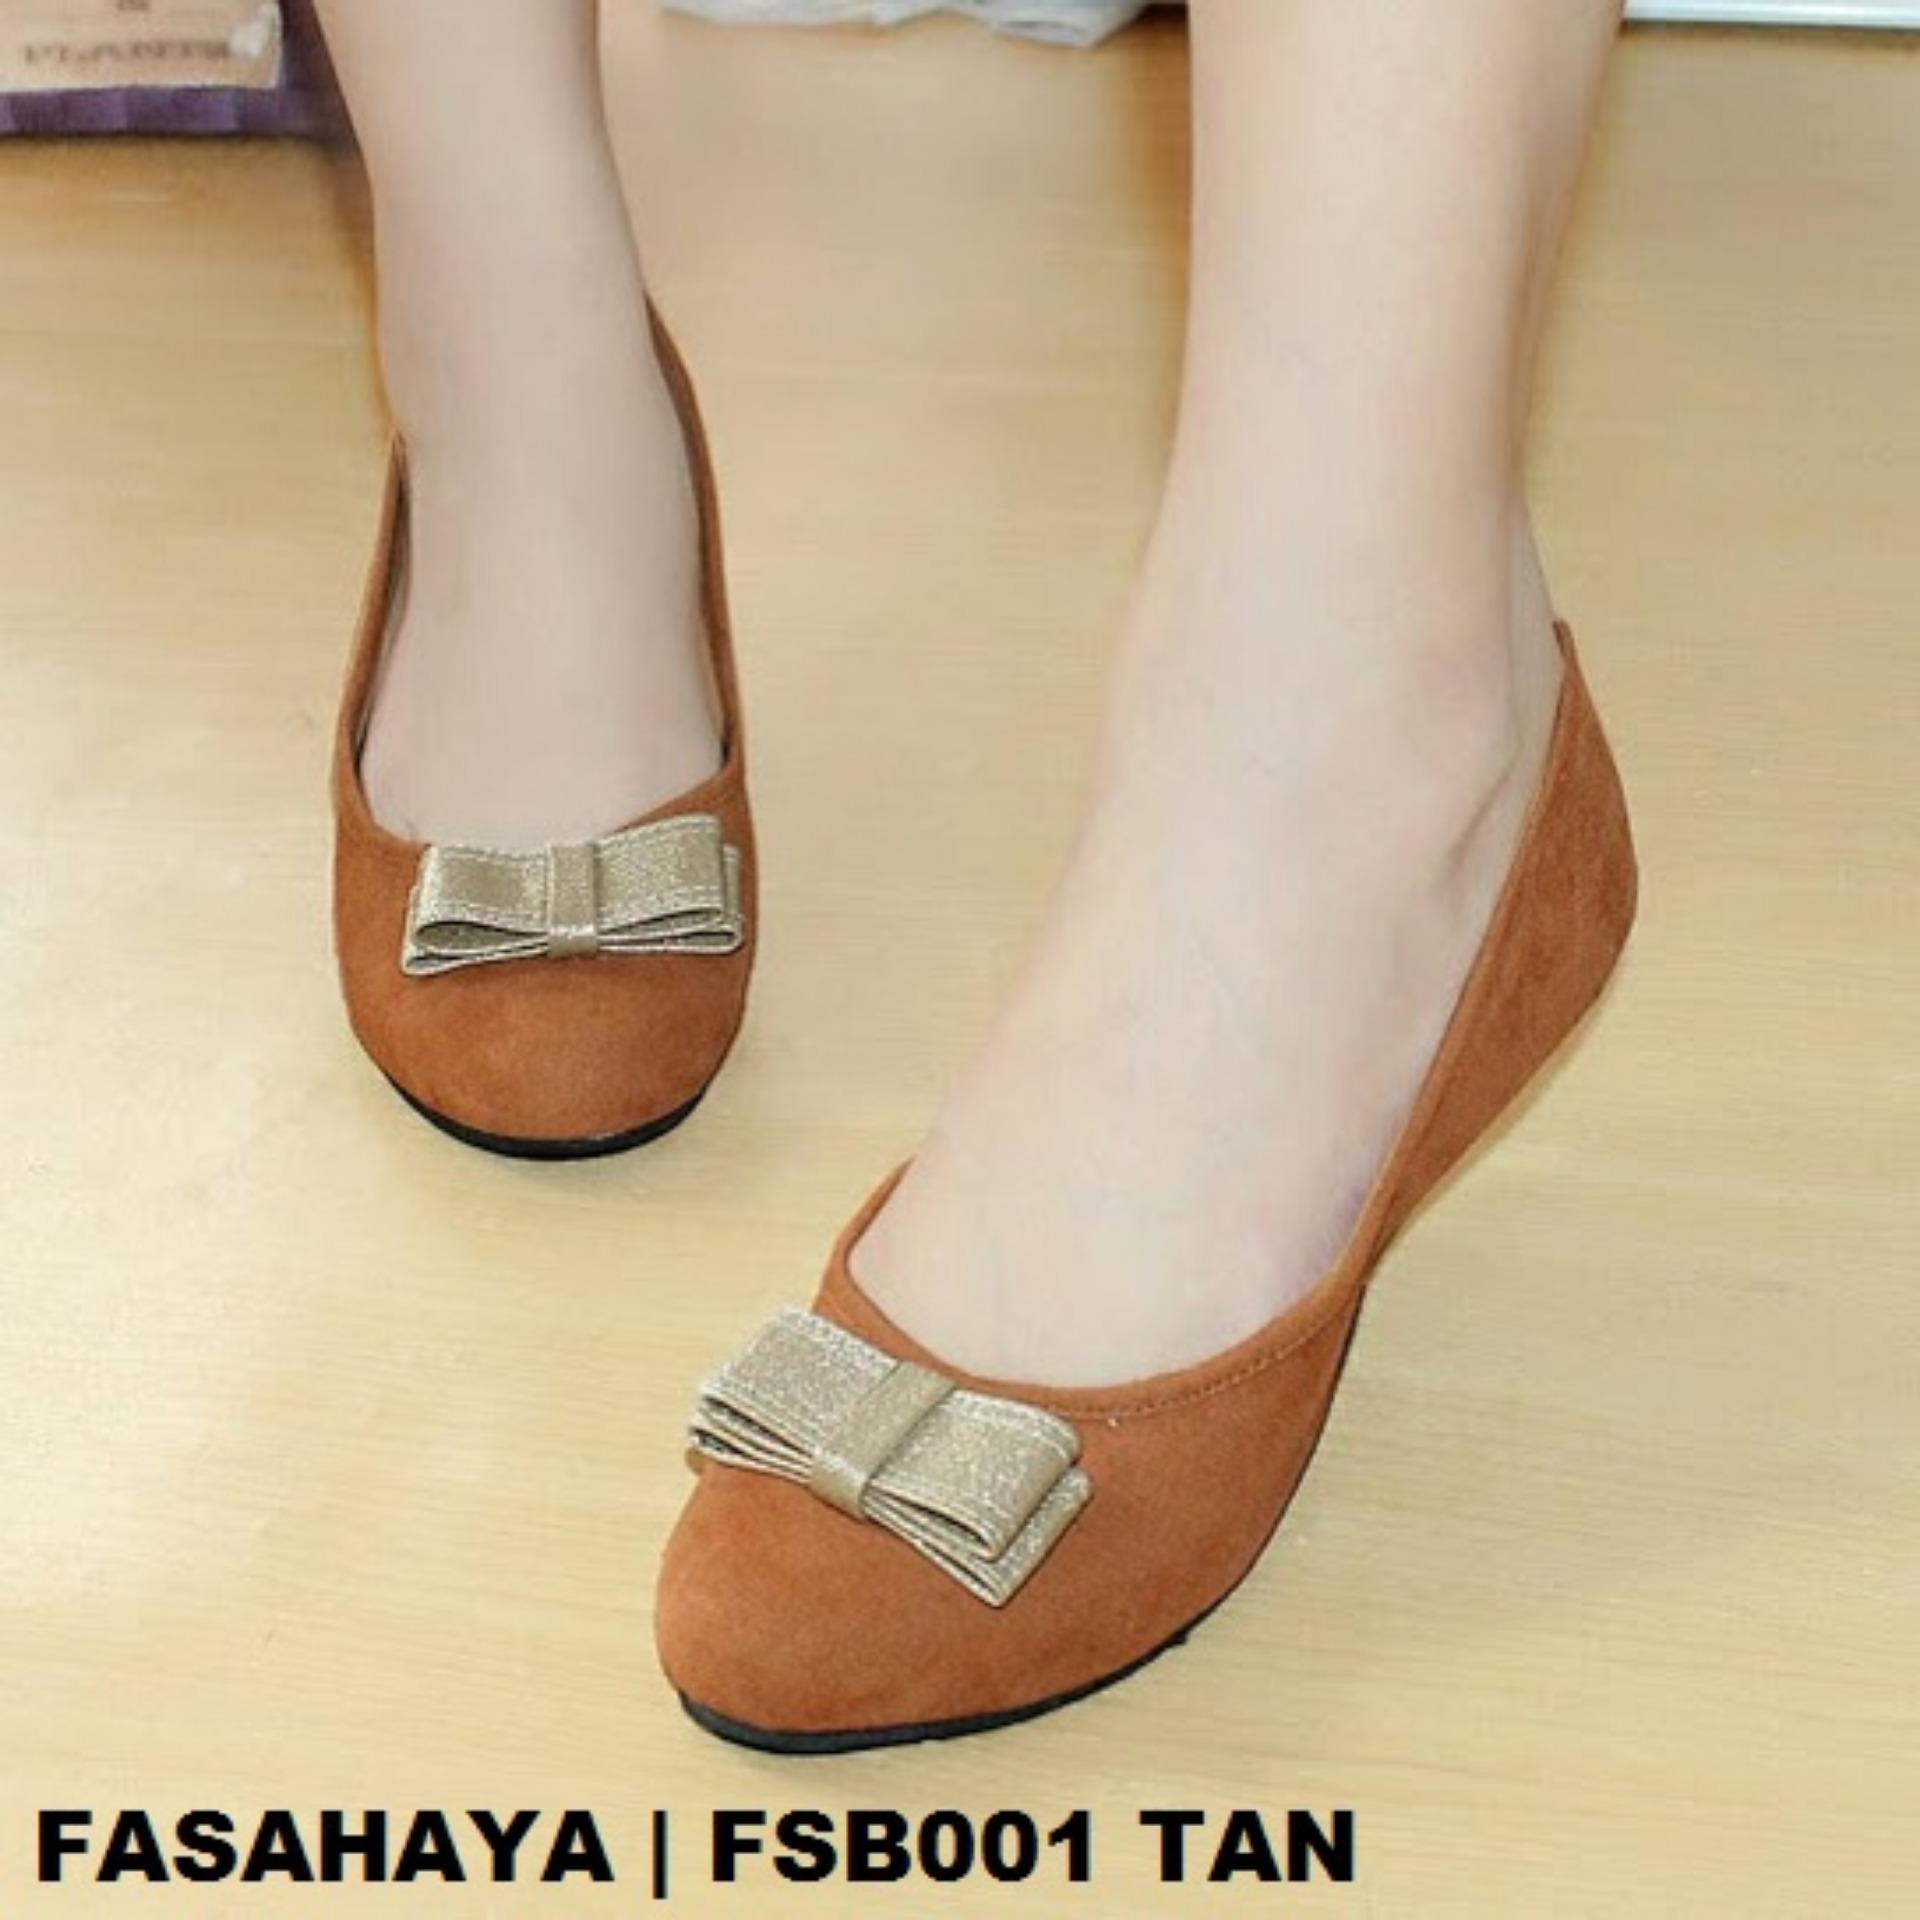 Fasahaya Sepatu Wanita Flat Shoes Ballet Cantik Terbaru Murah FSB001 Tan 49c421e4b1